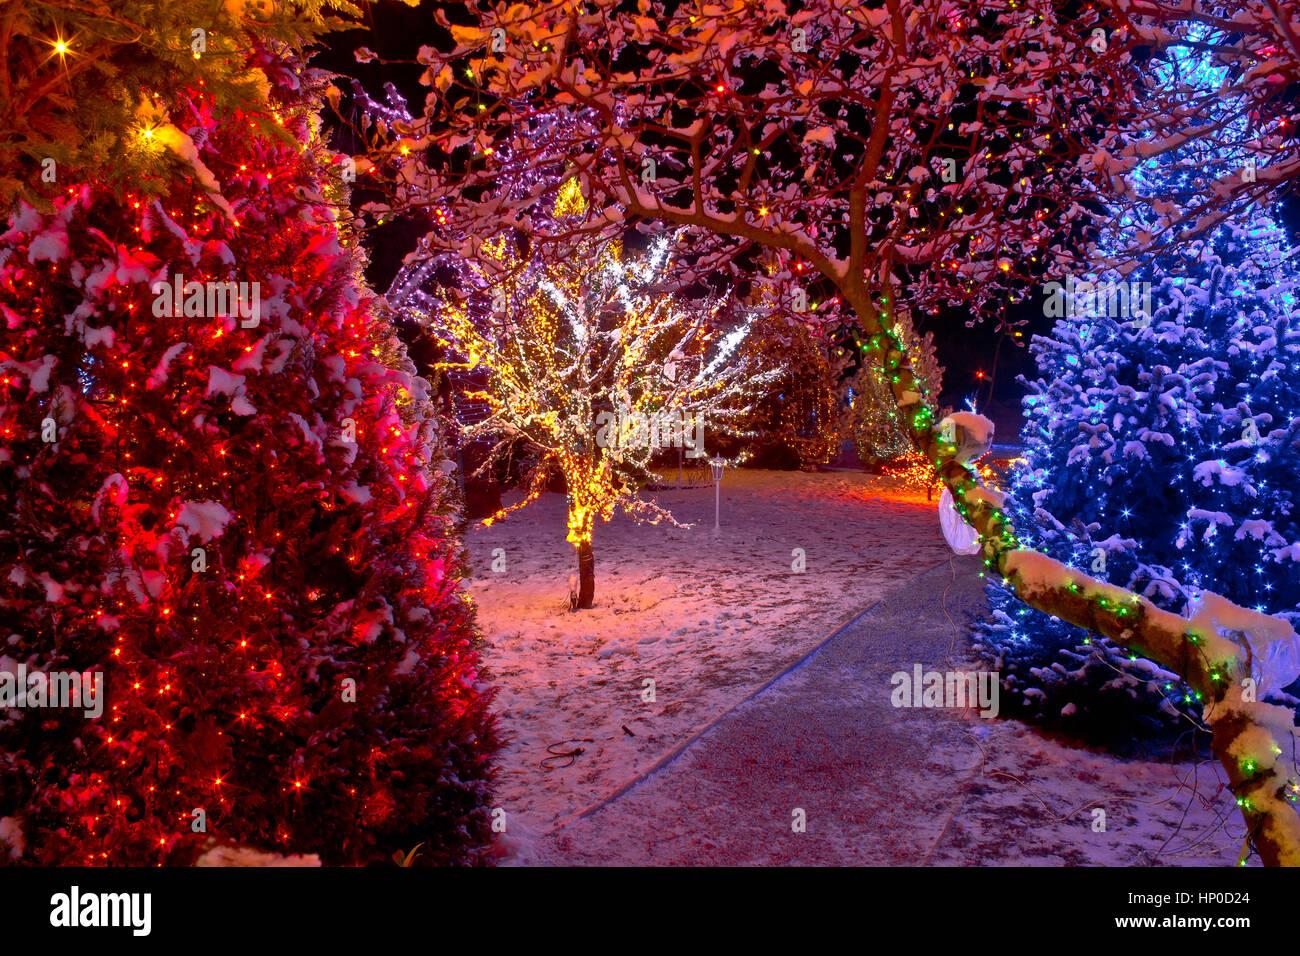 Immagini Natale Natura.Colorate Luci Di Natale Sugli Alberi Incandescente Natura